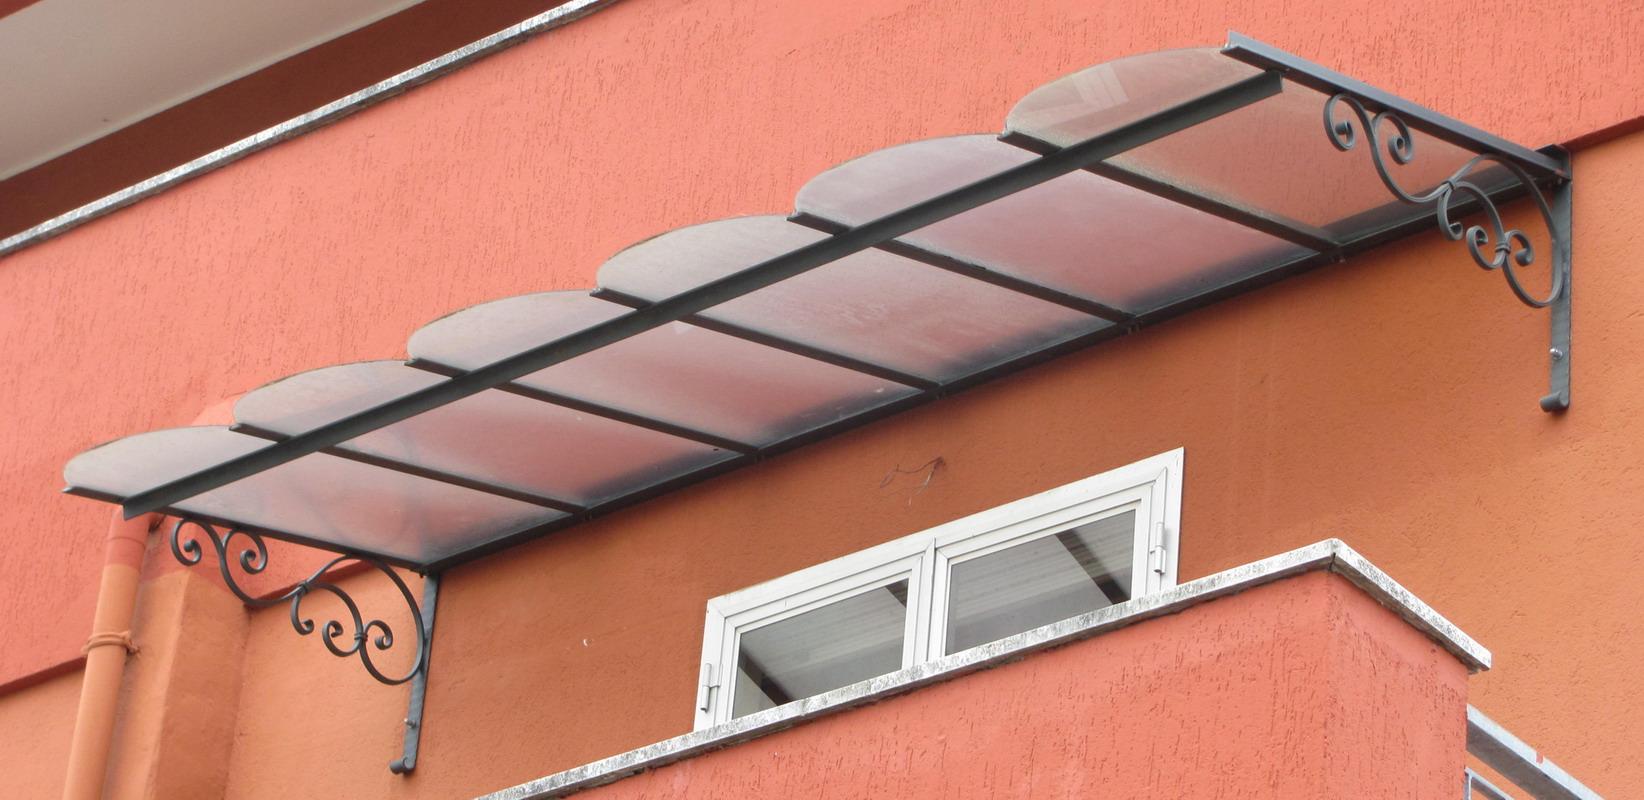 Copriporta O Tettoia In Ferro Forgiato Riccioli 200 300 X 120